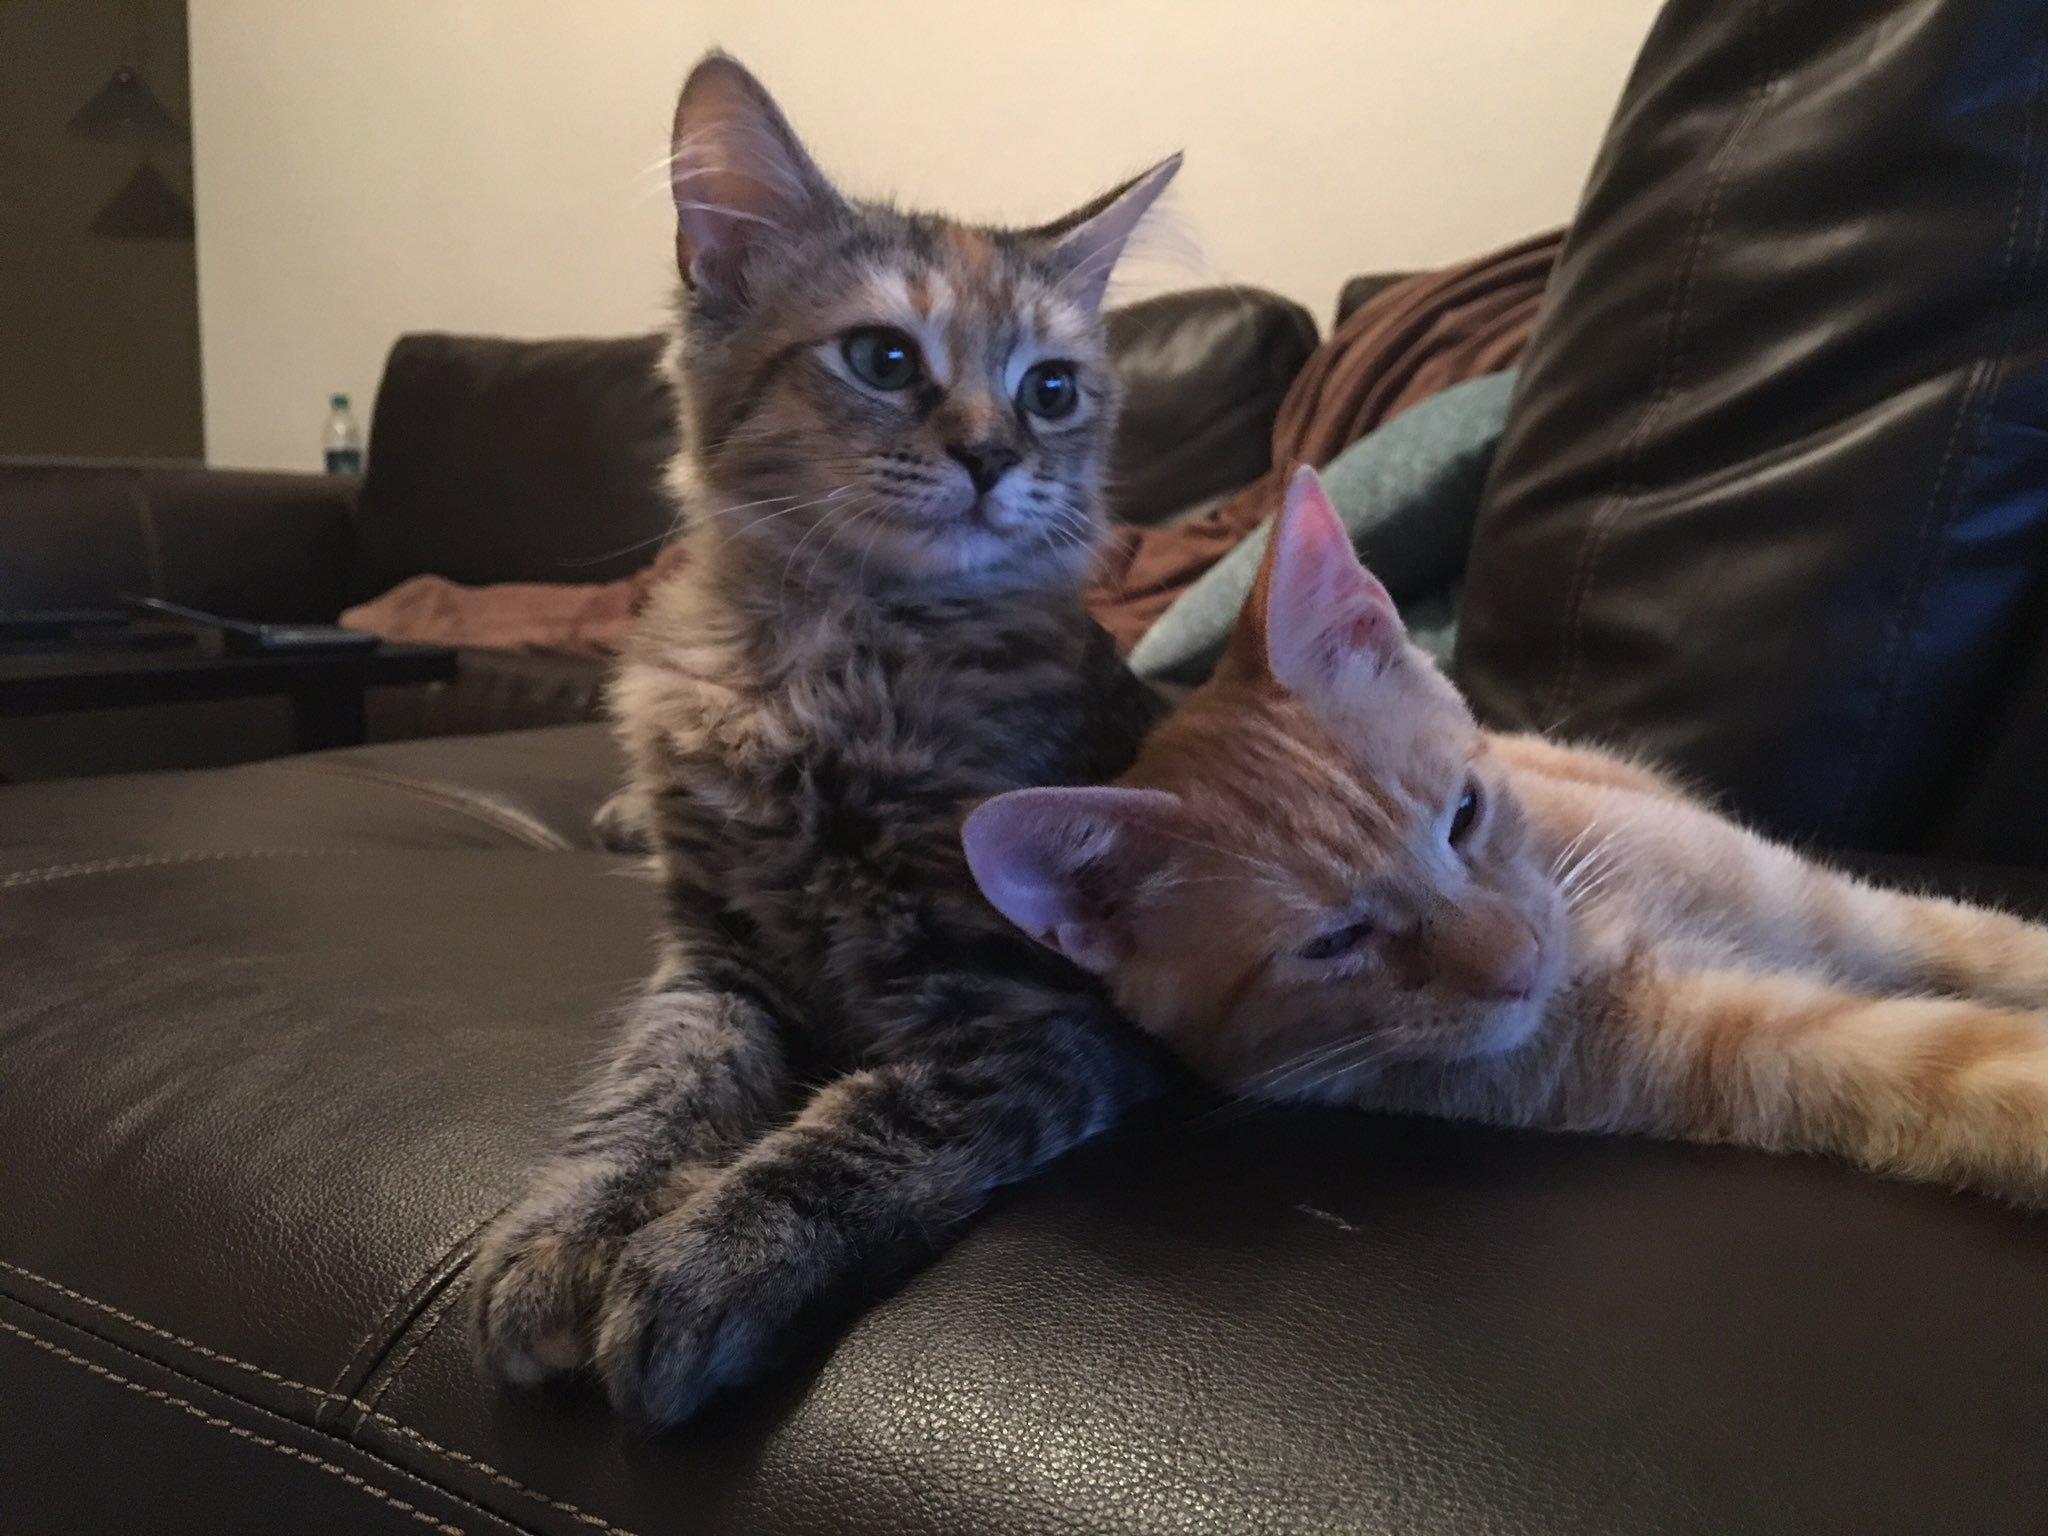 Estos Adorables Gatos Son La Pareja Más Enamorada Del Mundo